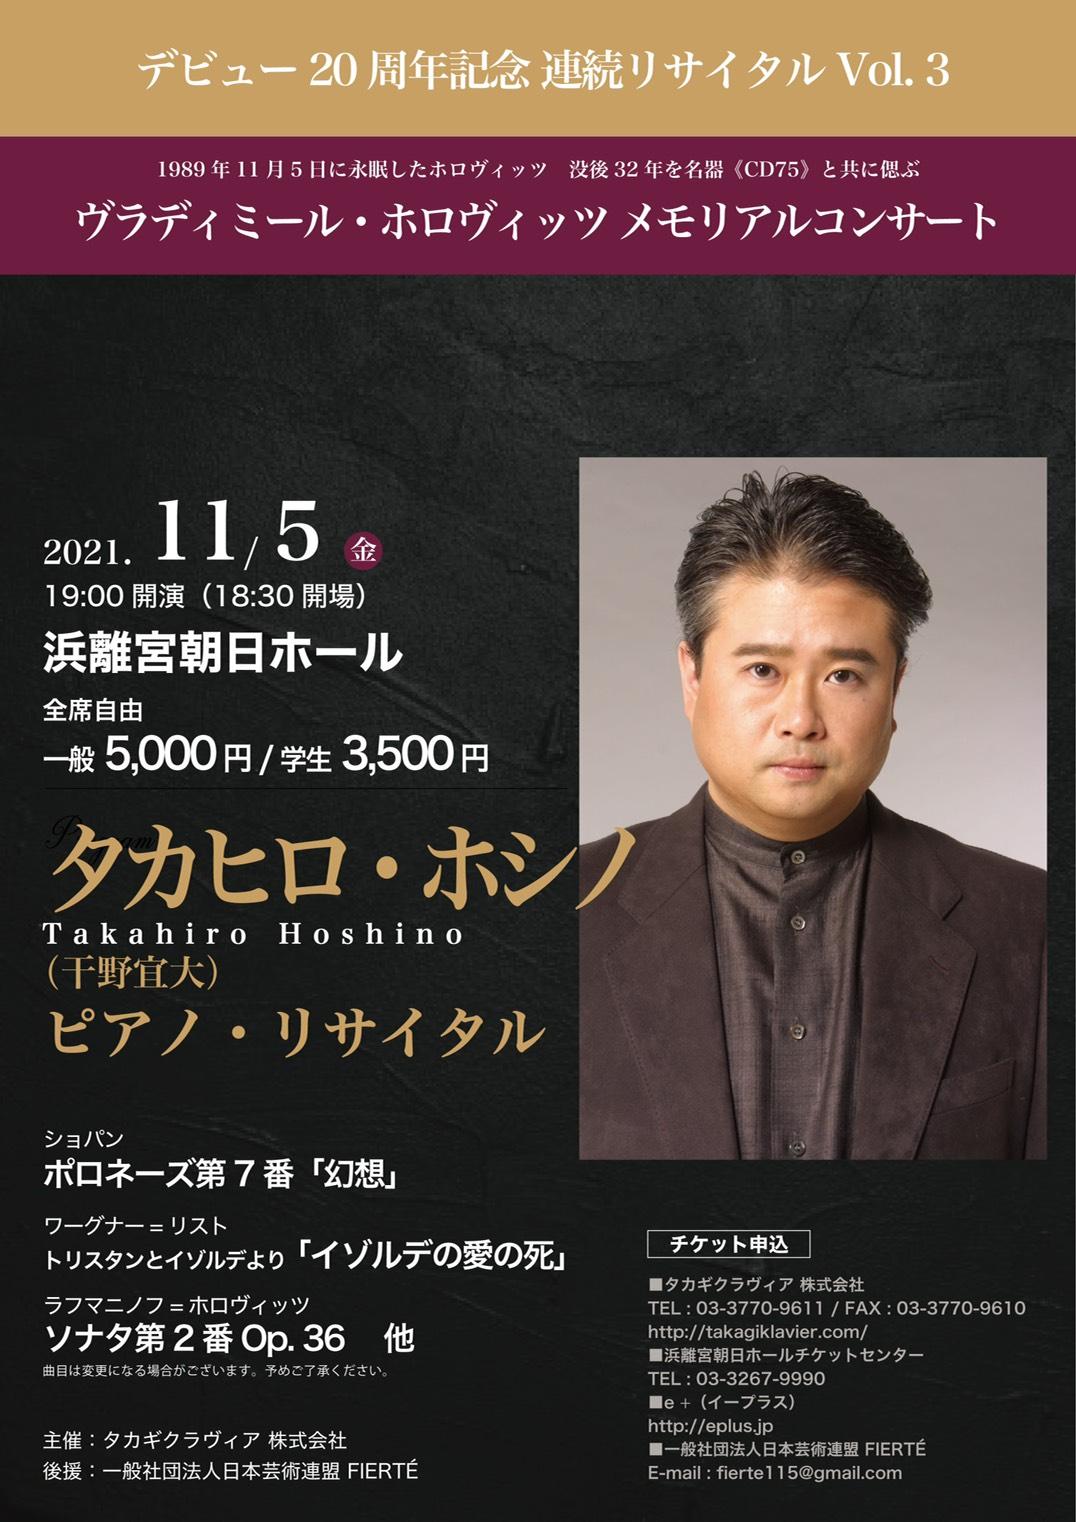 タカヒロ・ホシノ ピアノリサイタル